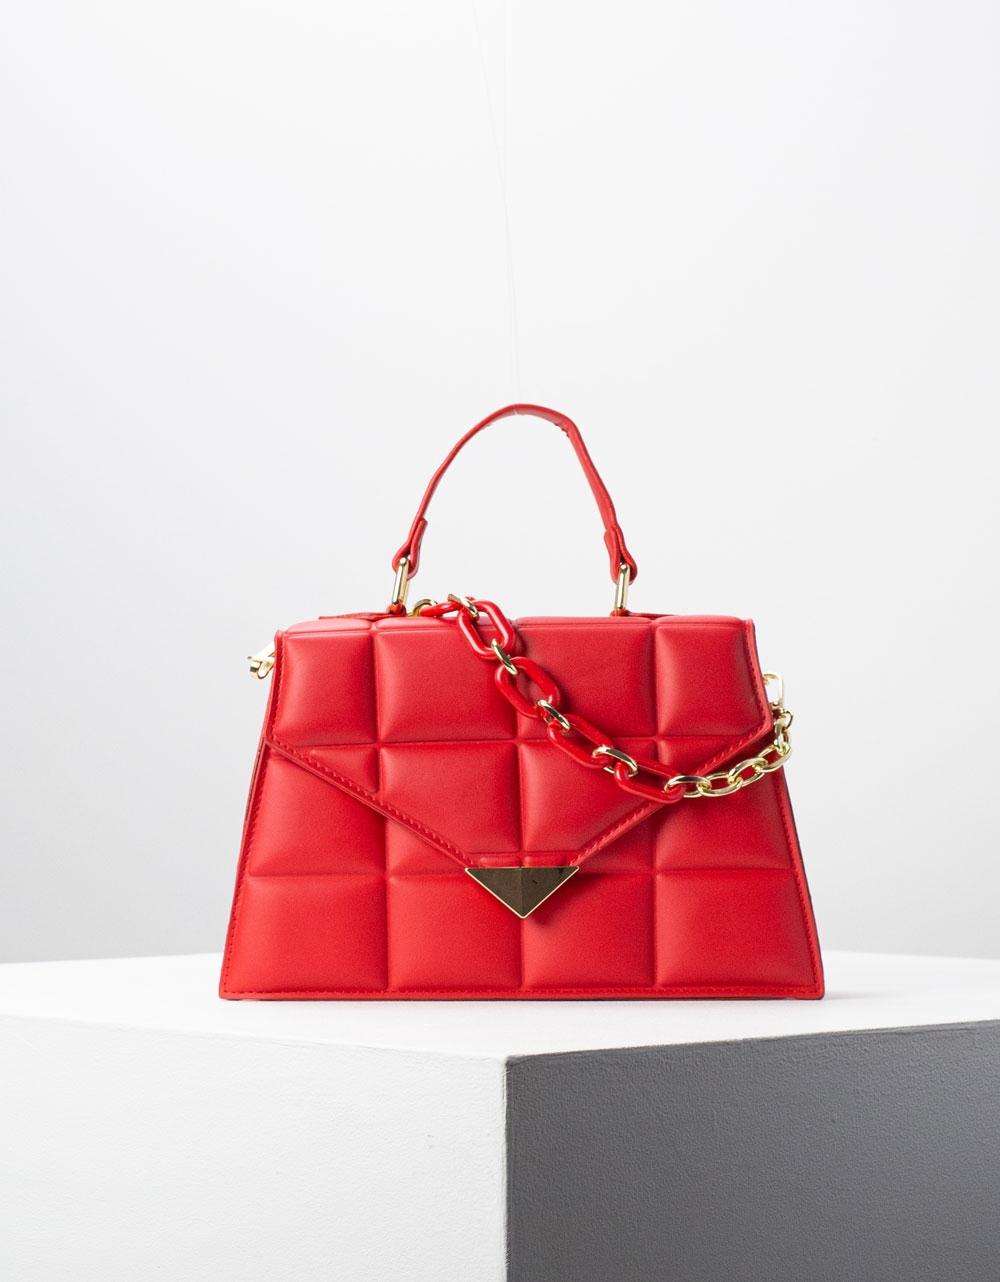 Εικόνα από Γυναικεία τσάντα ώμου & χιαστί με καπιτονέ σχέδιο Κόκκινο